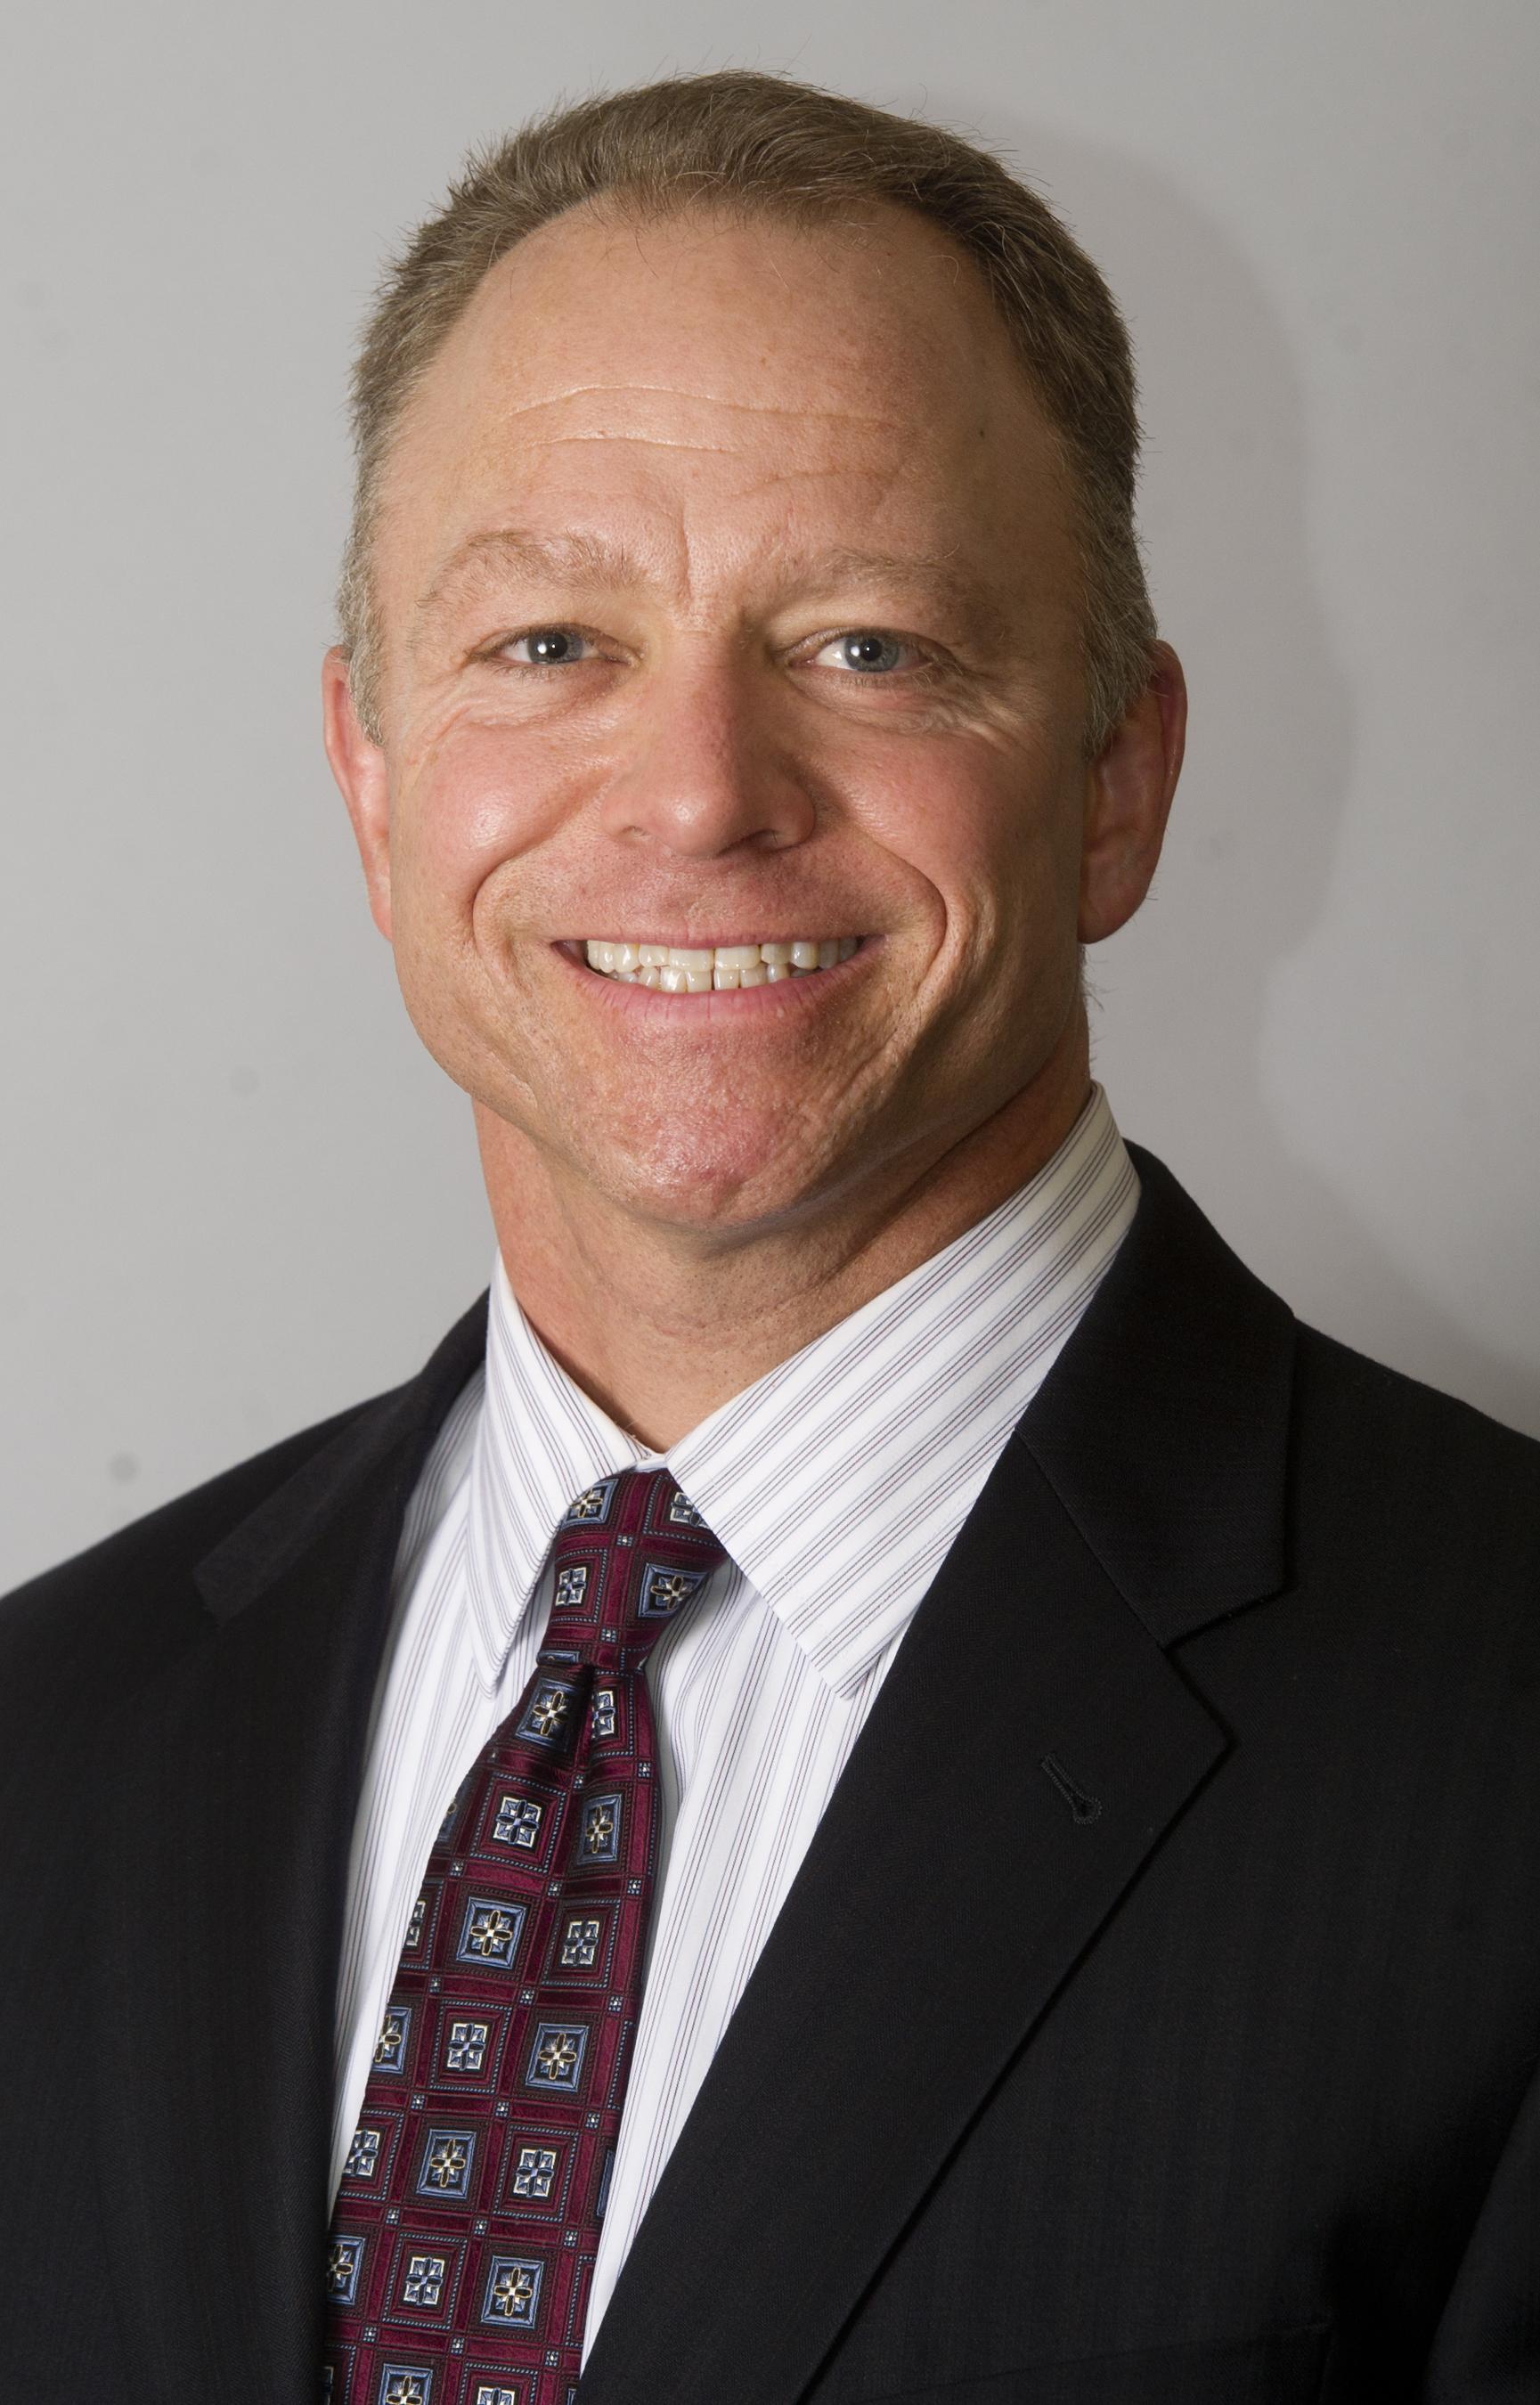 Jason L. Nohr